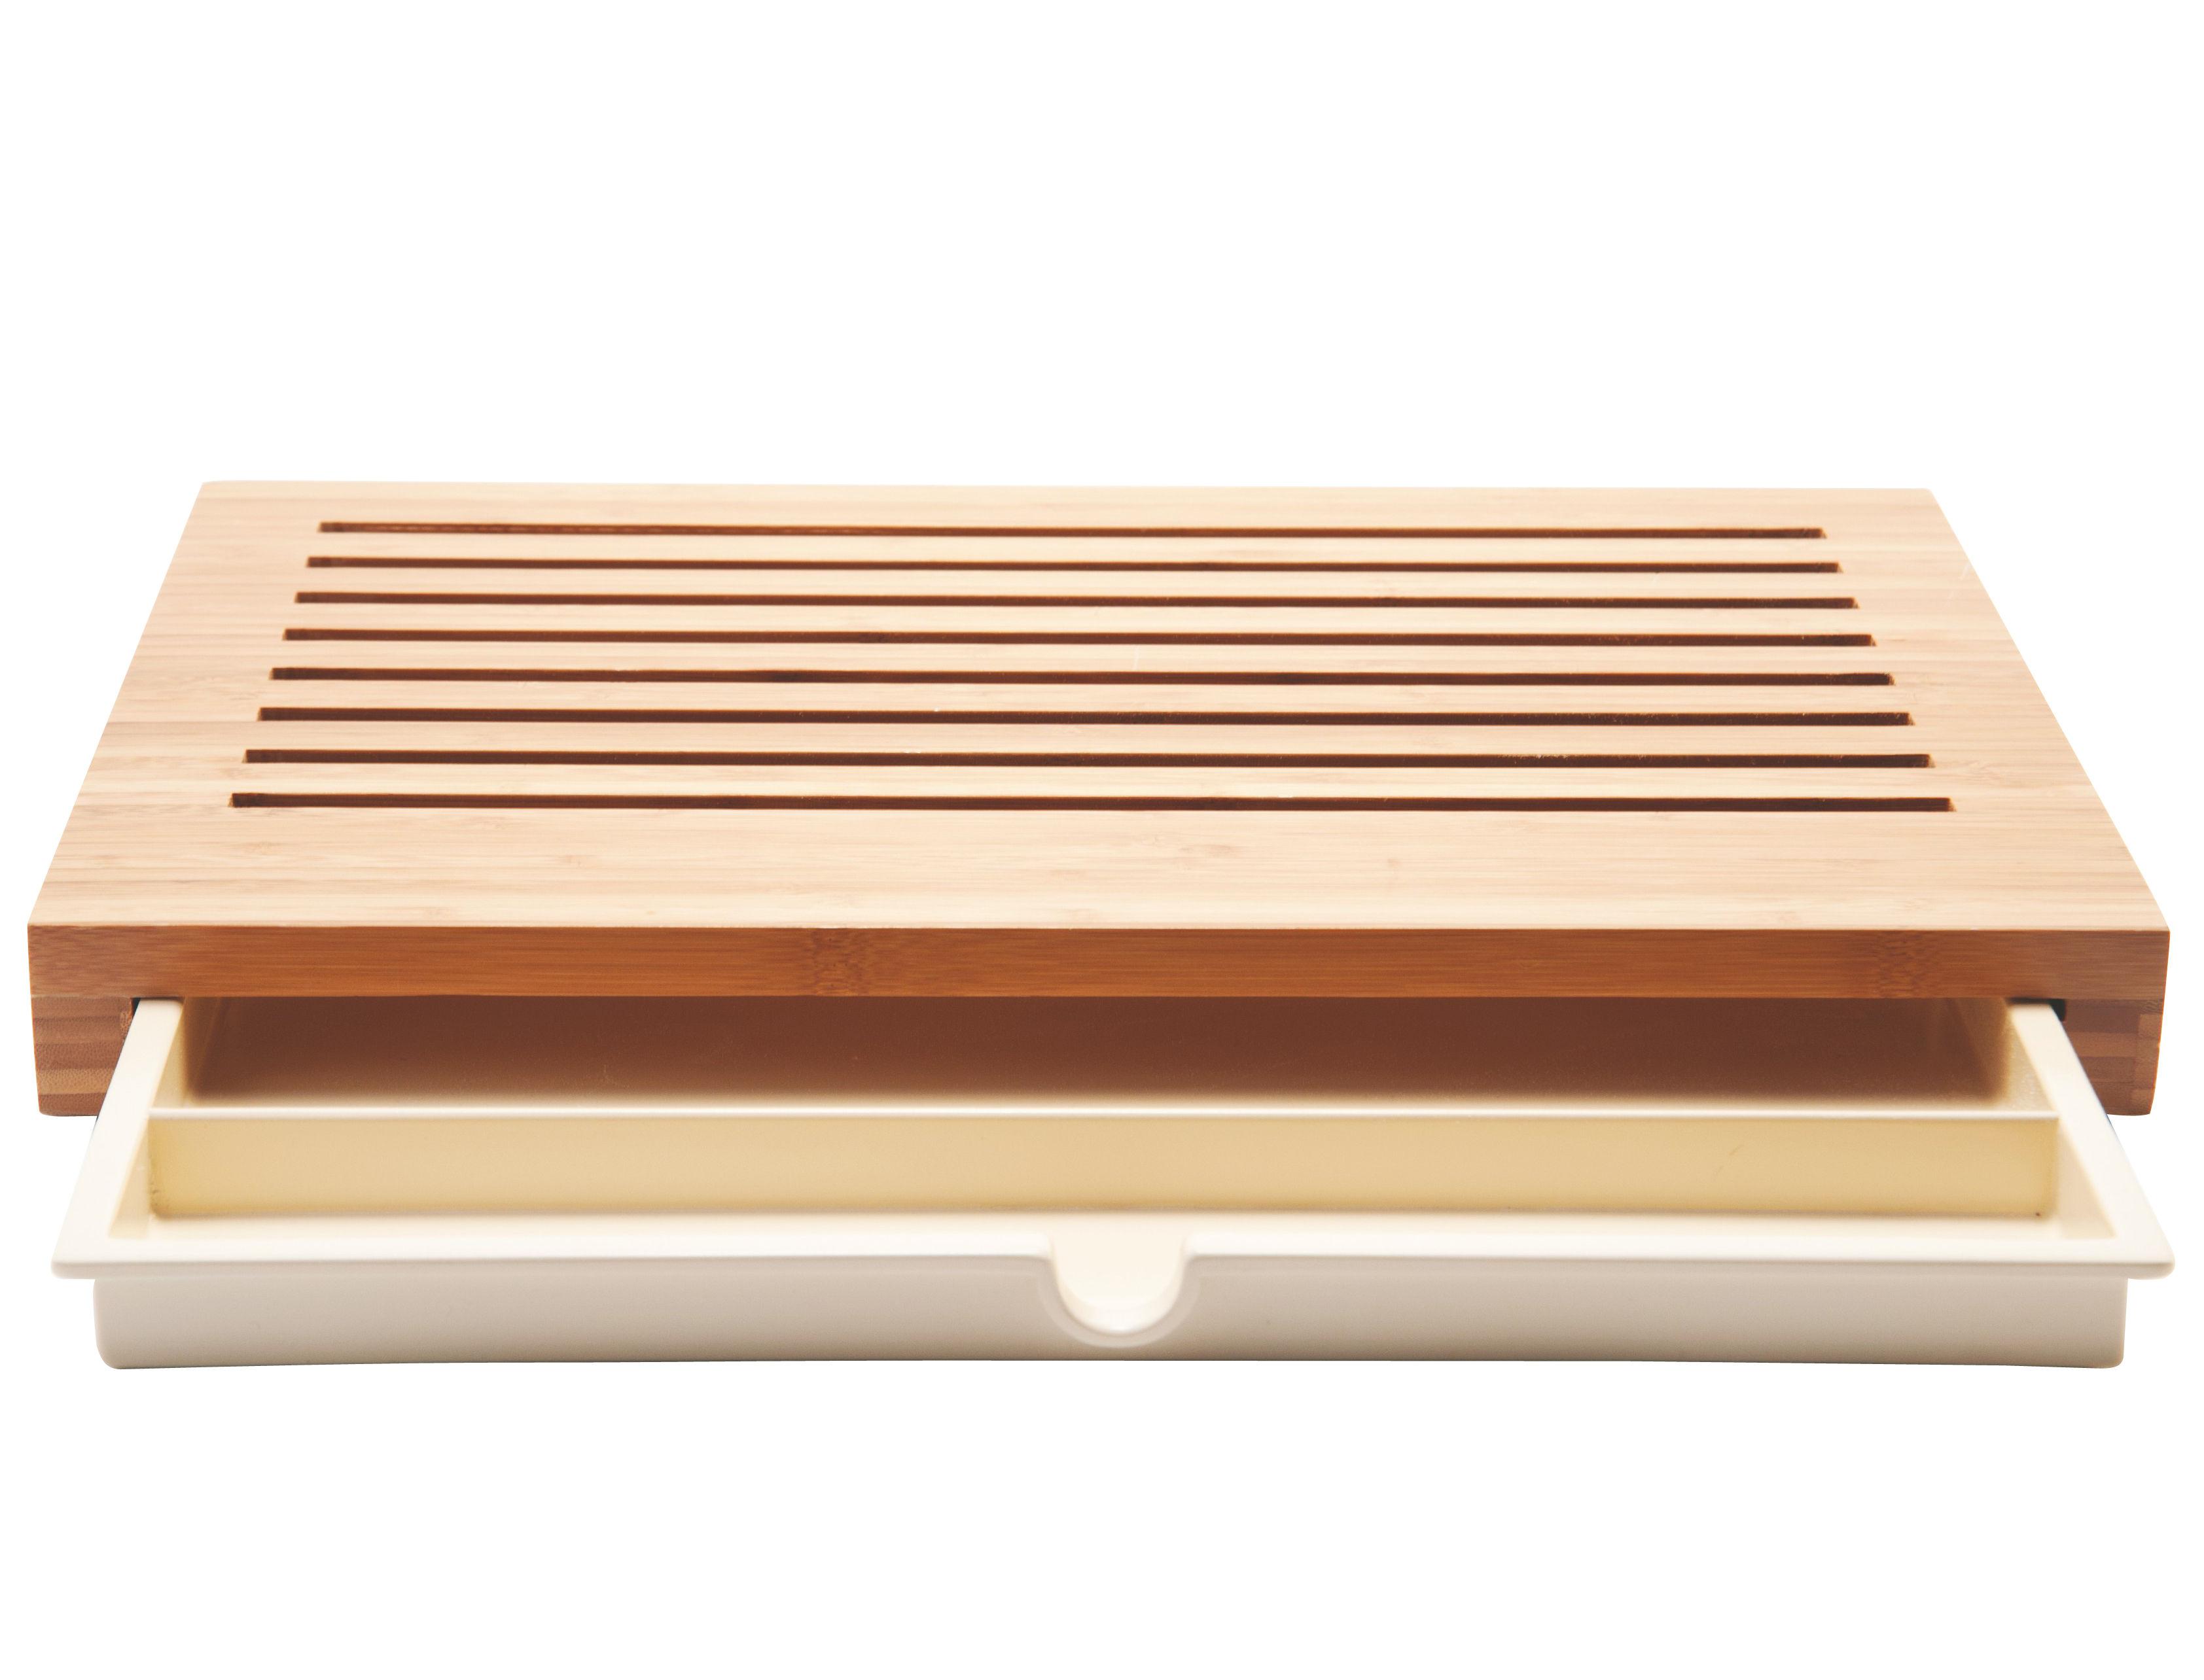 Cucina - Pratici e intelligenti - Asse per il pane Sbriciola di Alessi - Bambù naturale - Bambù, Resina termoplastica